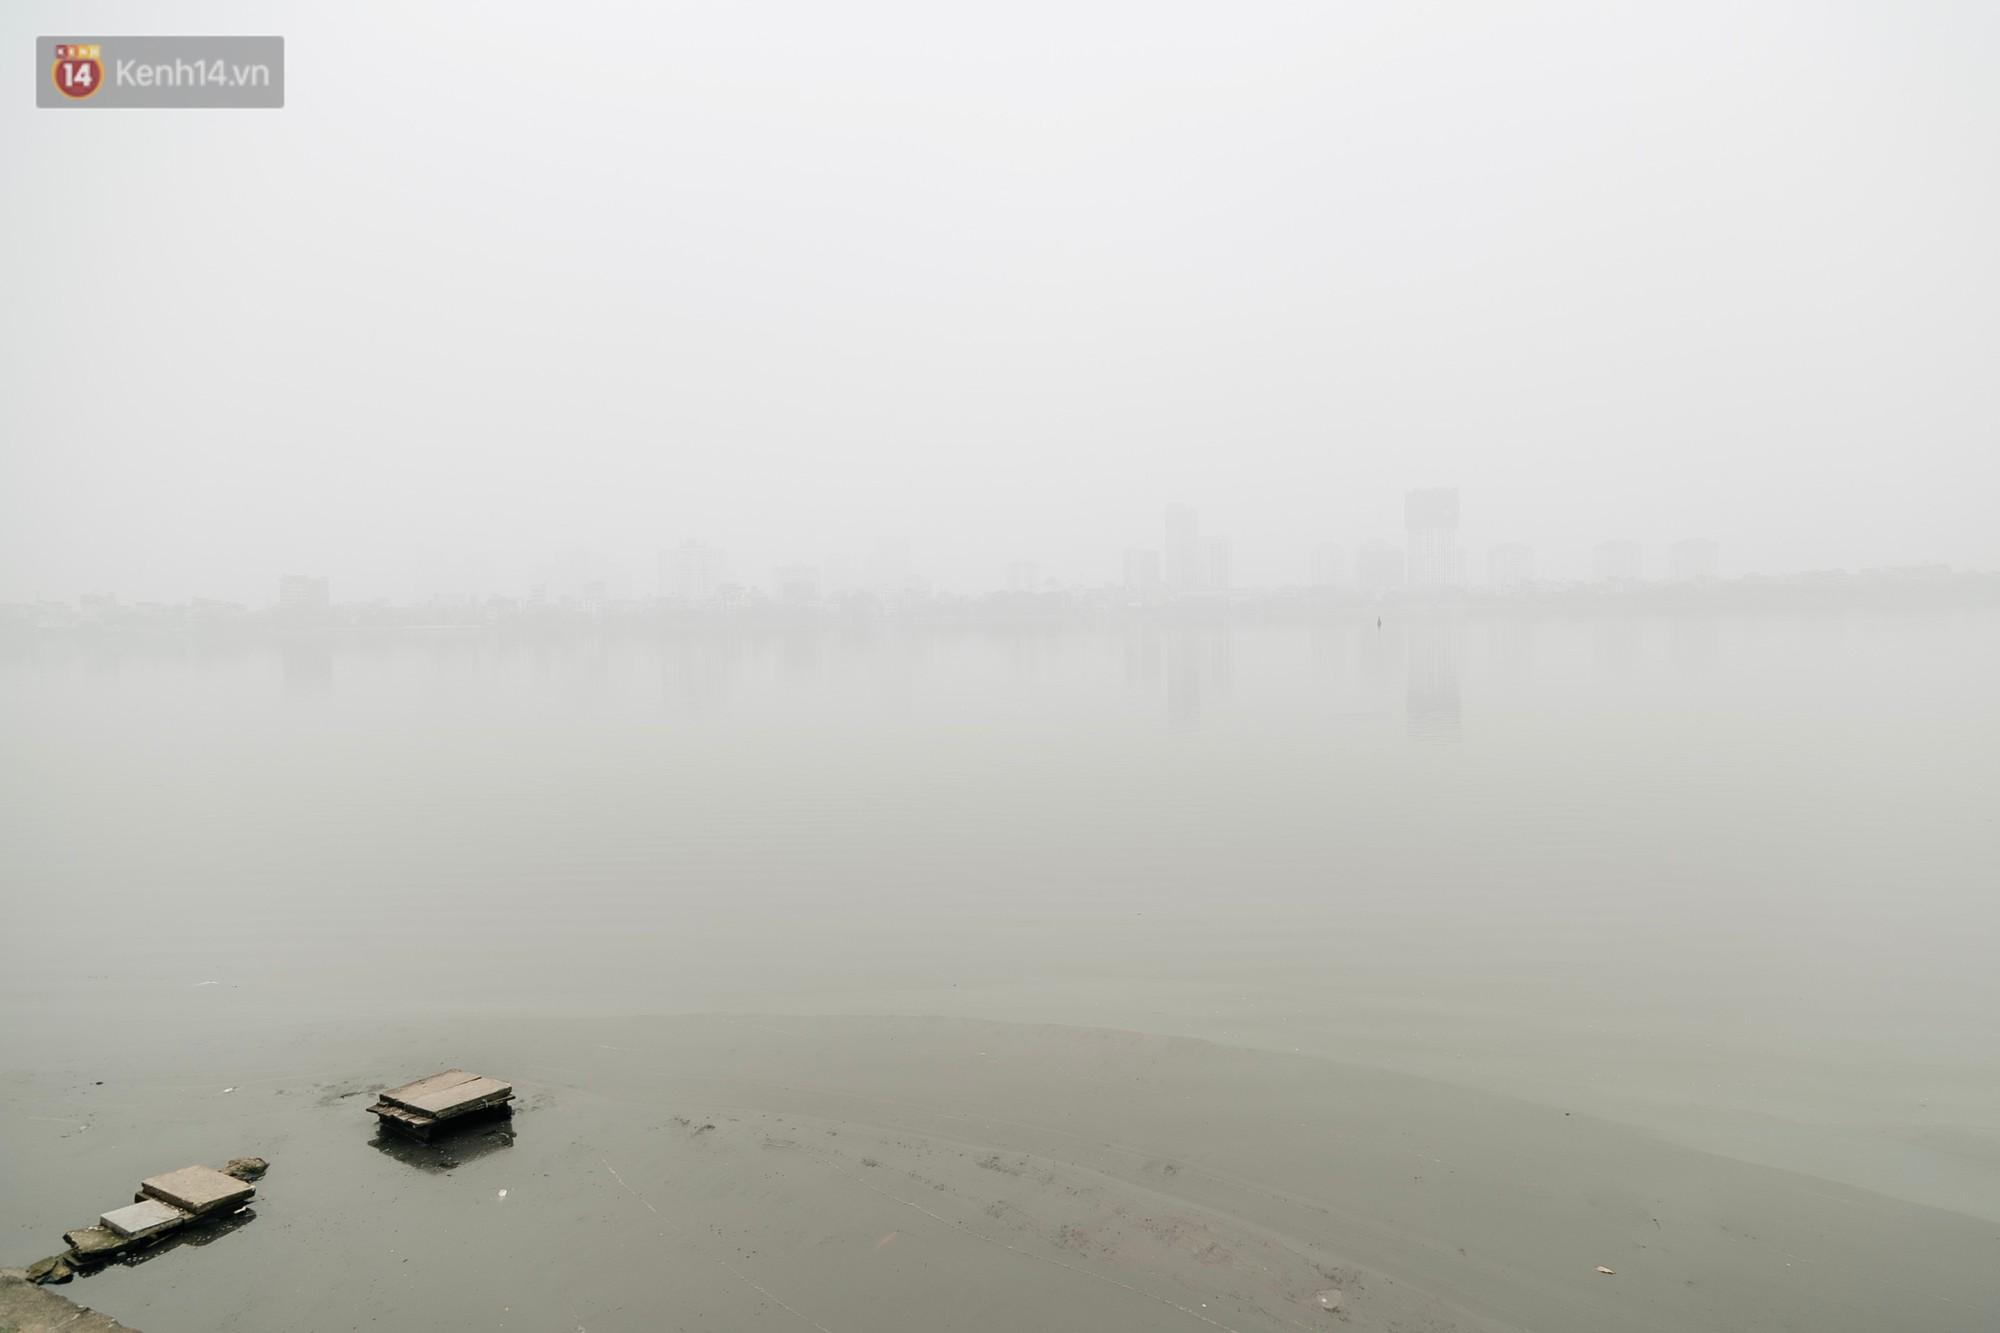 Hà Nội ngập trong sương bụi mù mịt bao phủ tầm nhìn: Tình trạng ô nhiễm không khí đáng báo động! - Ảnh 11.